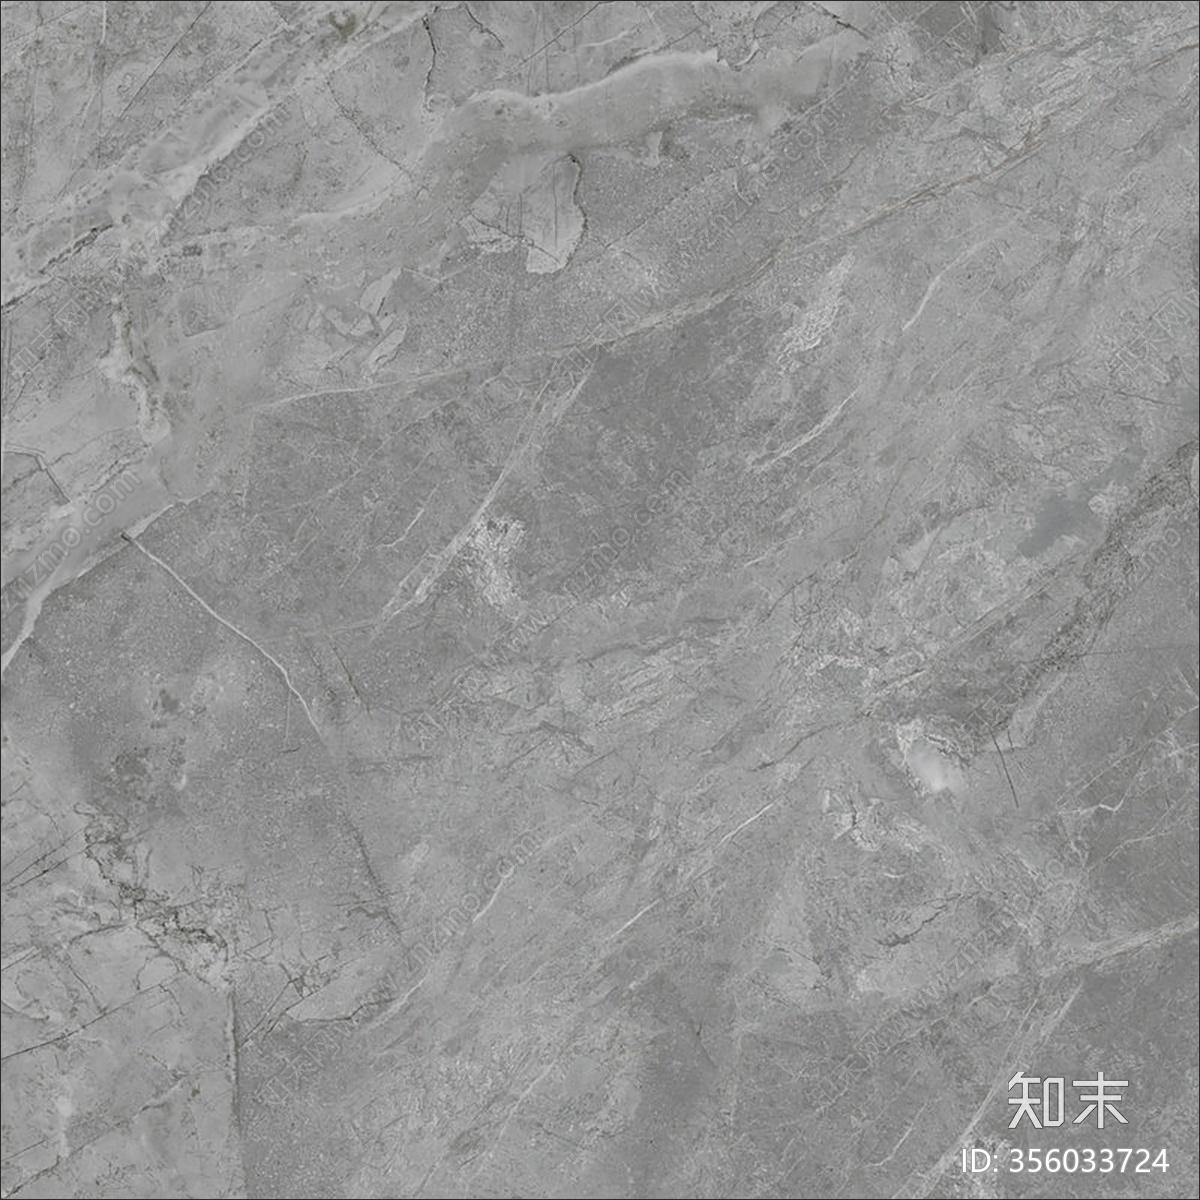 灰色大理石贴图贴图下载【ID:356033724】